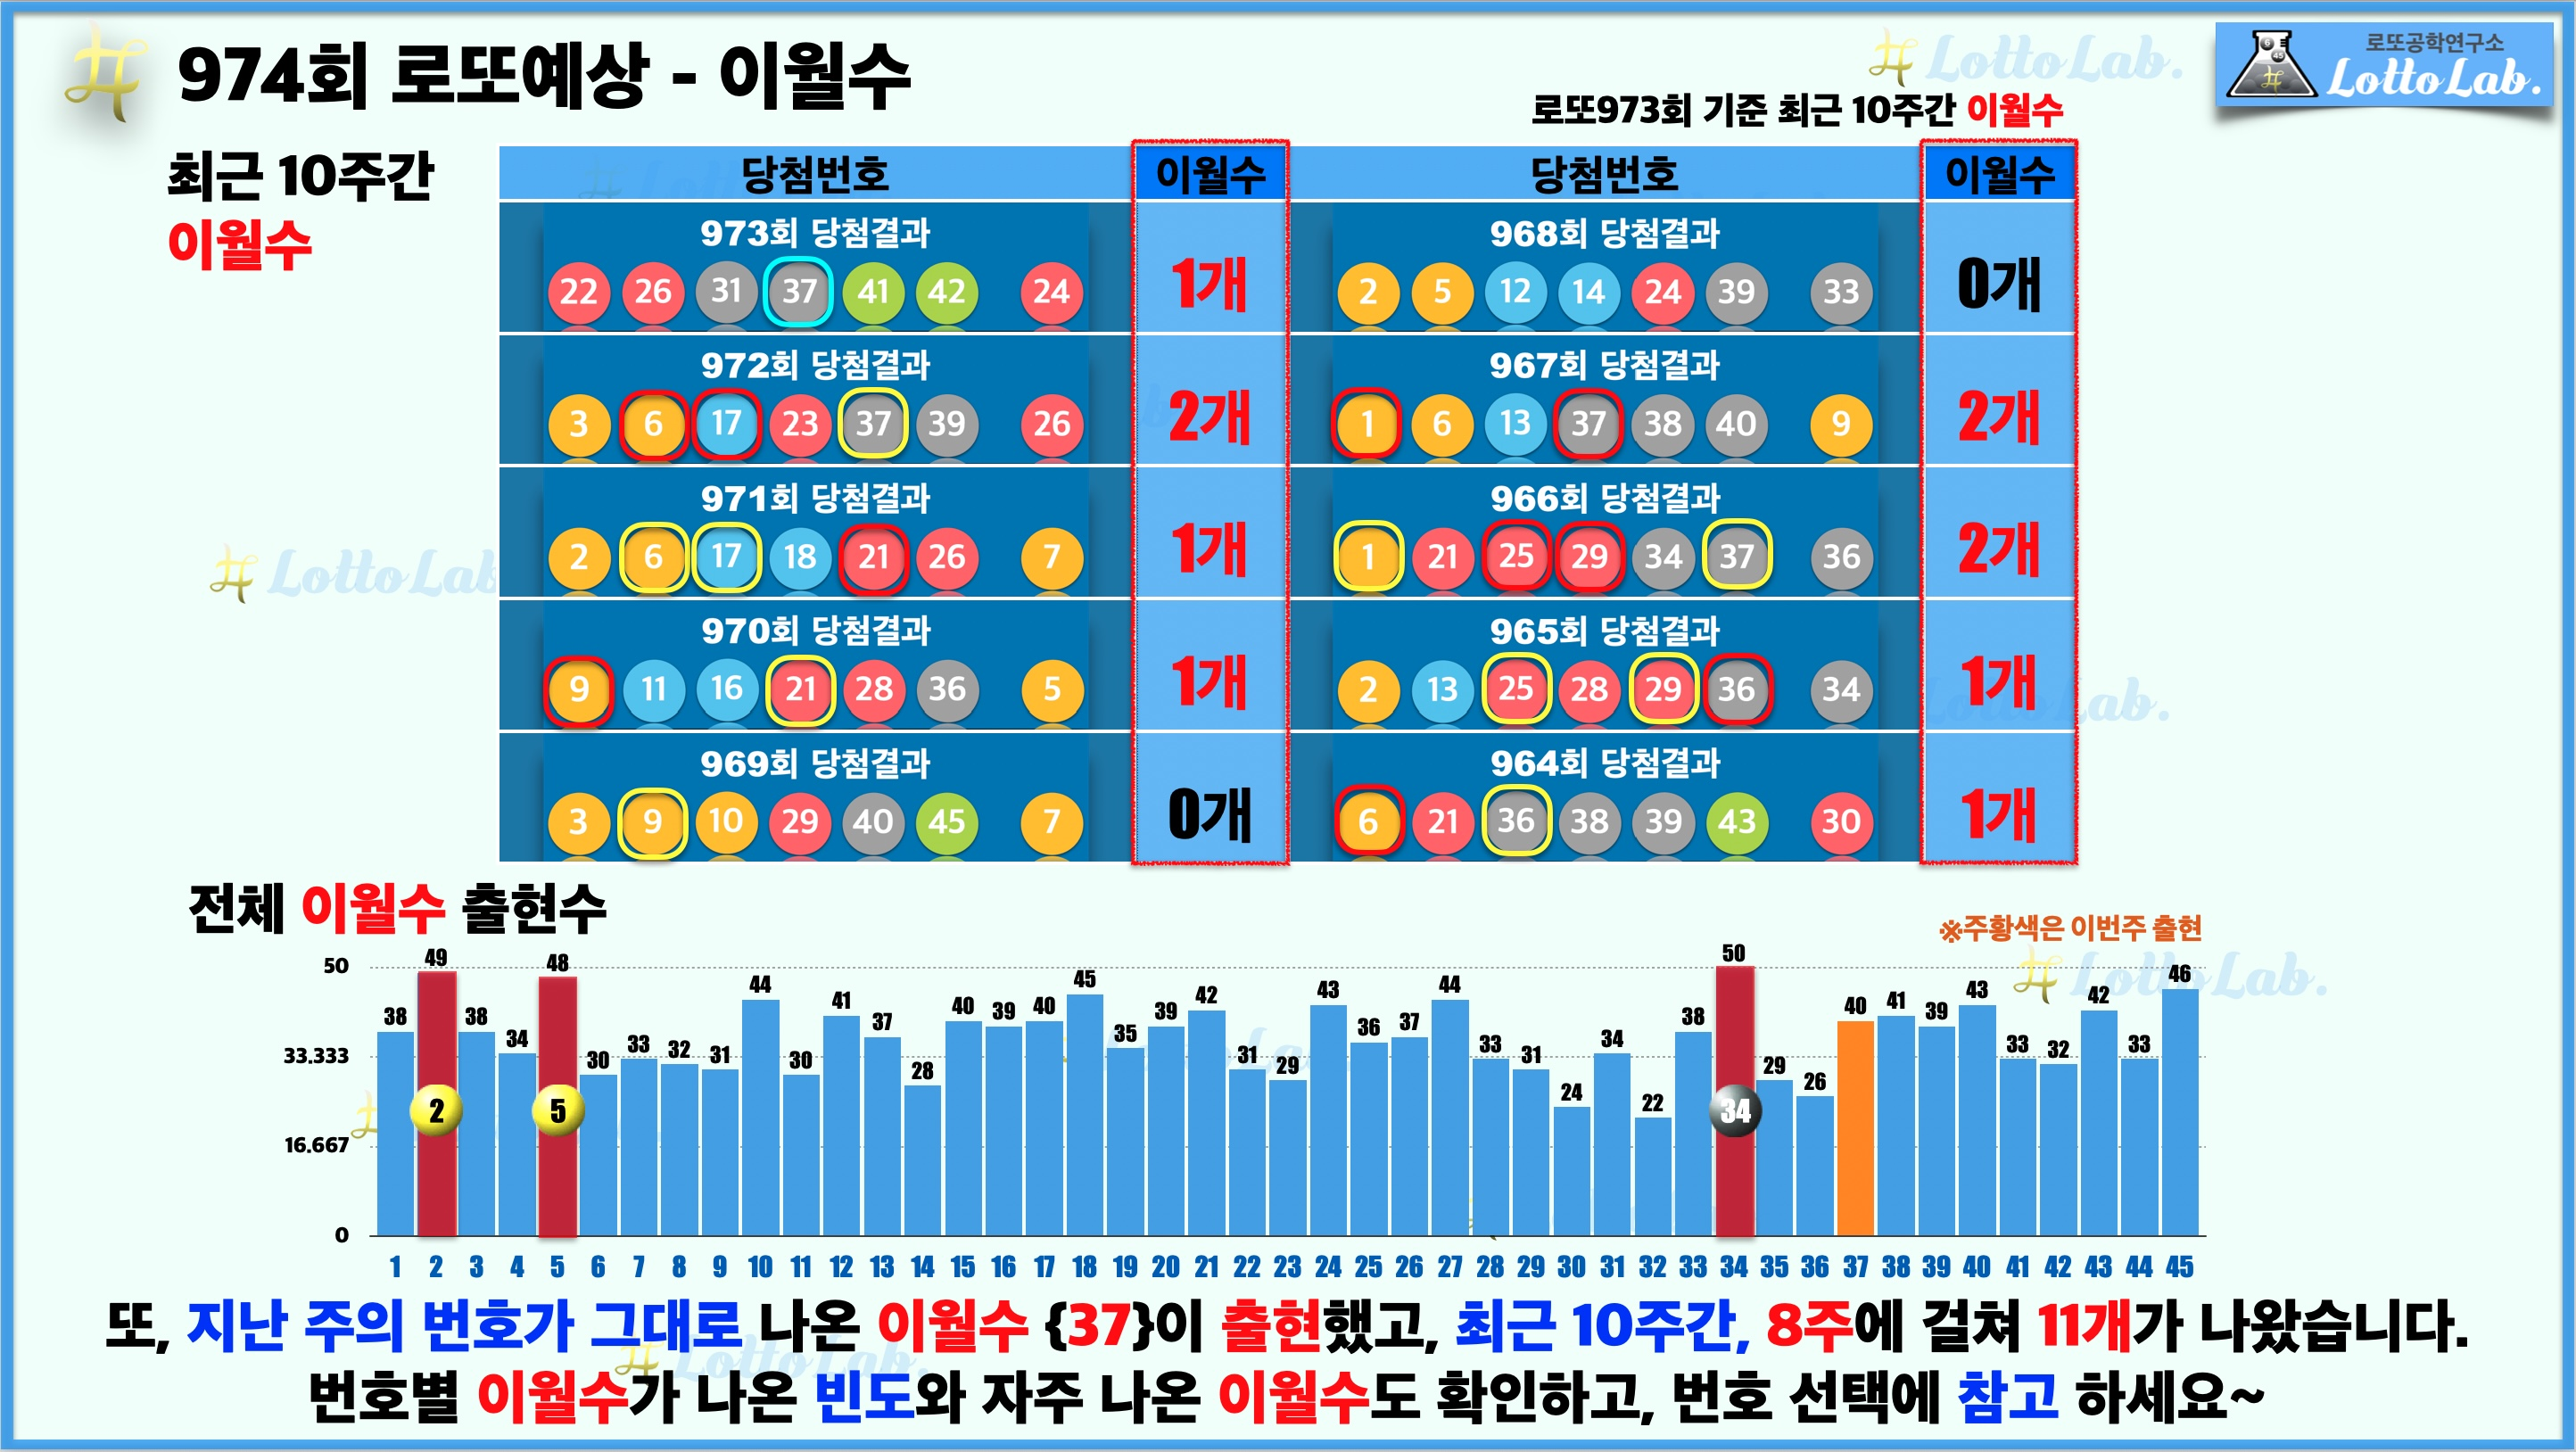 로또랩 로또974 당첨 번호 예상 - 이월수